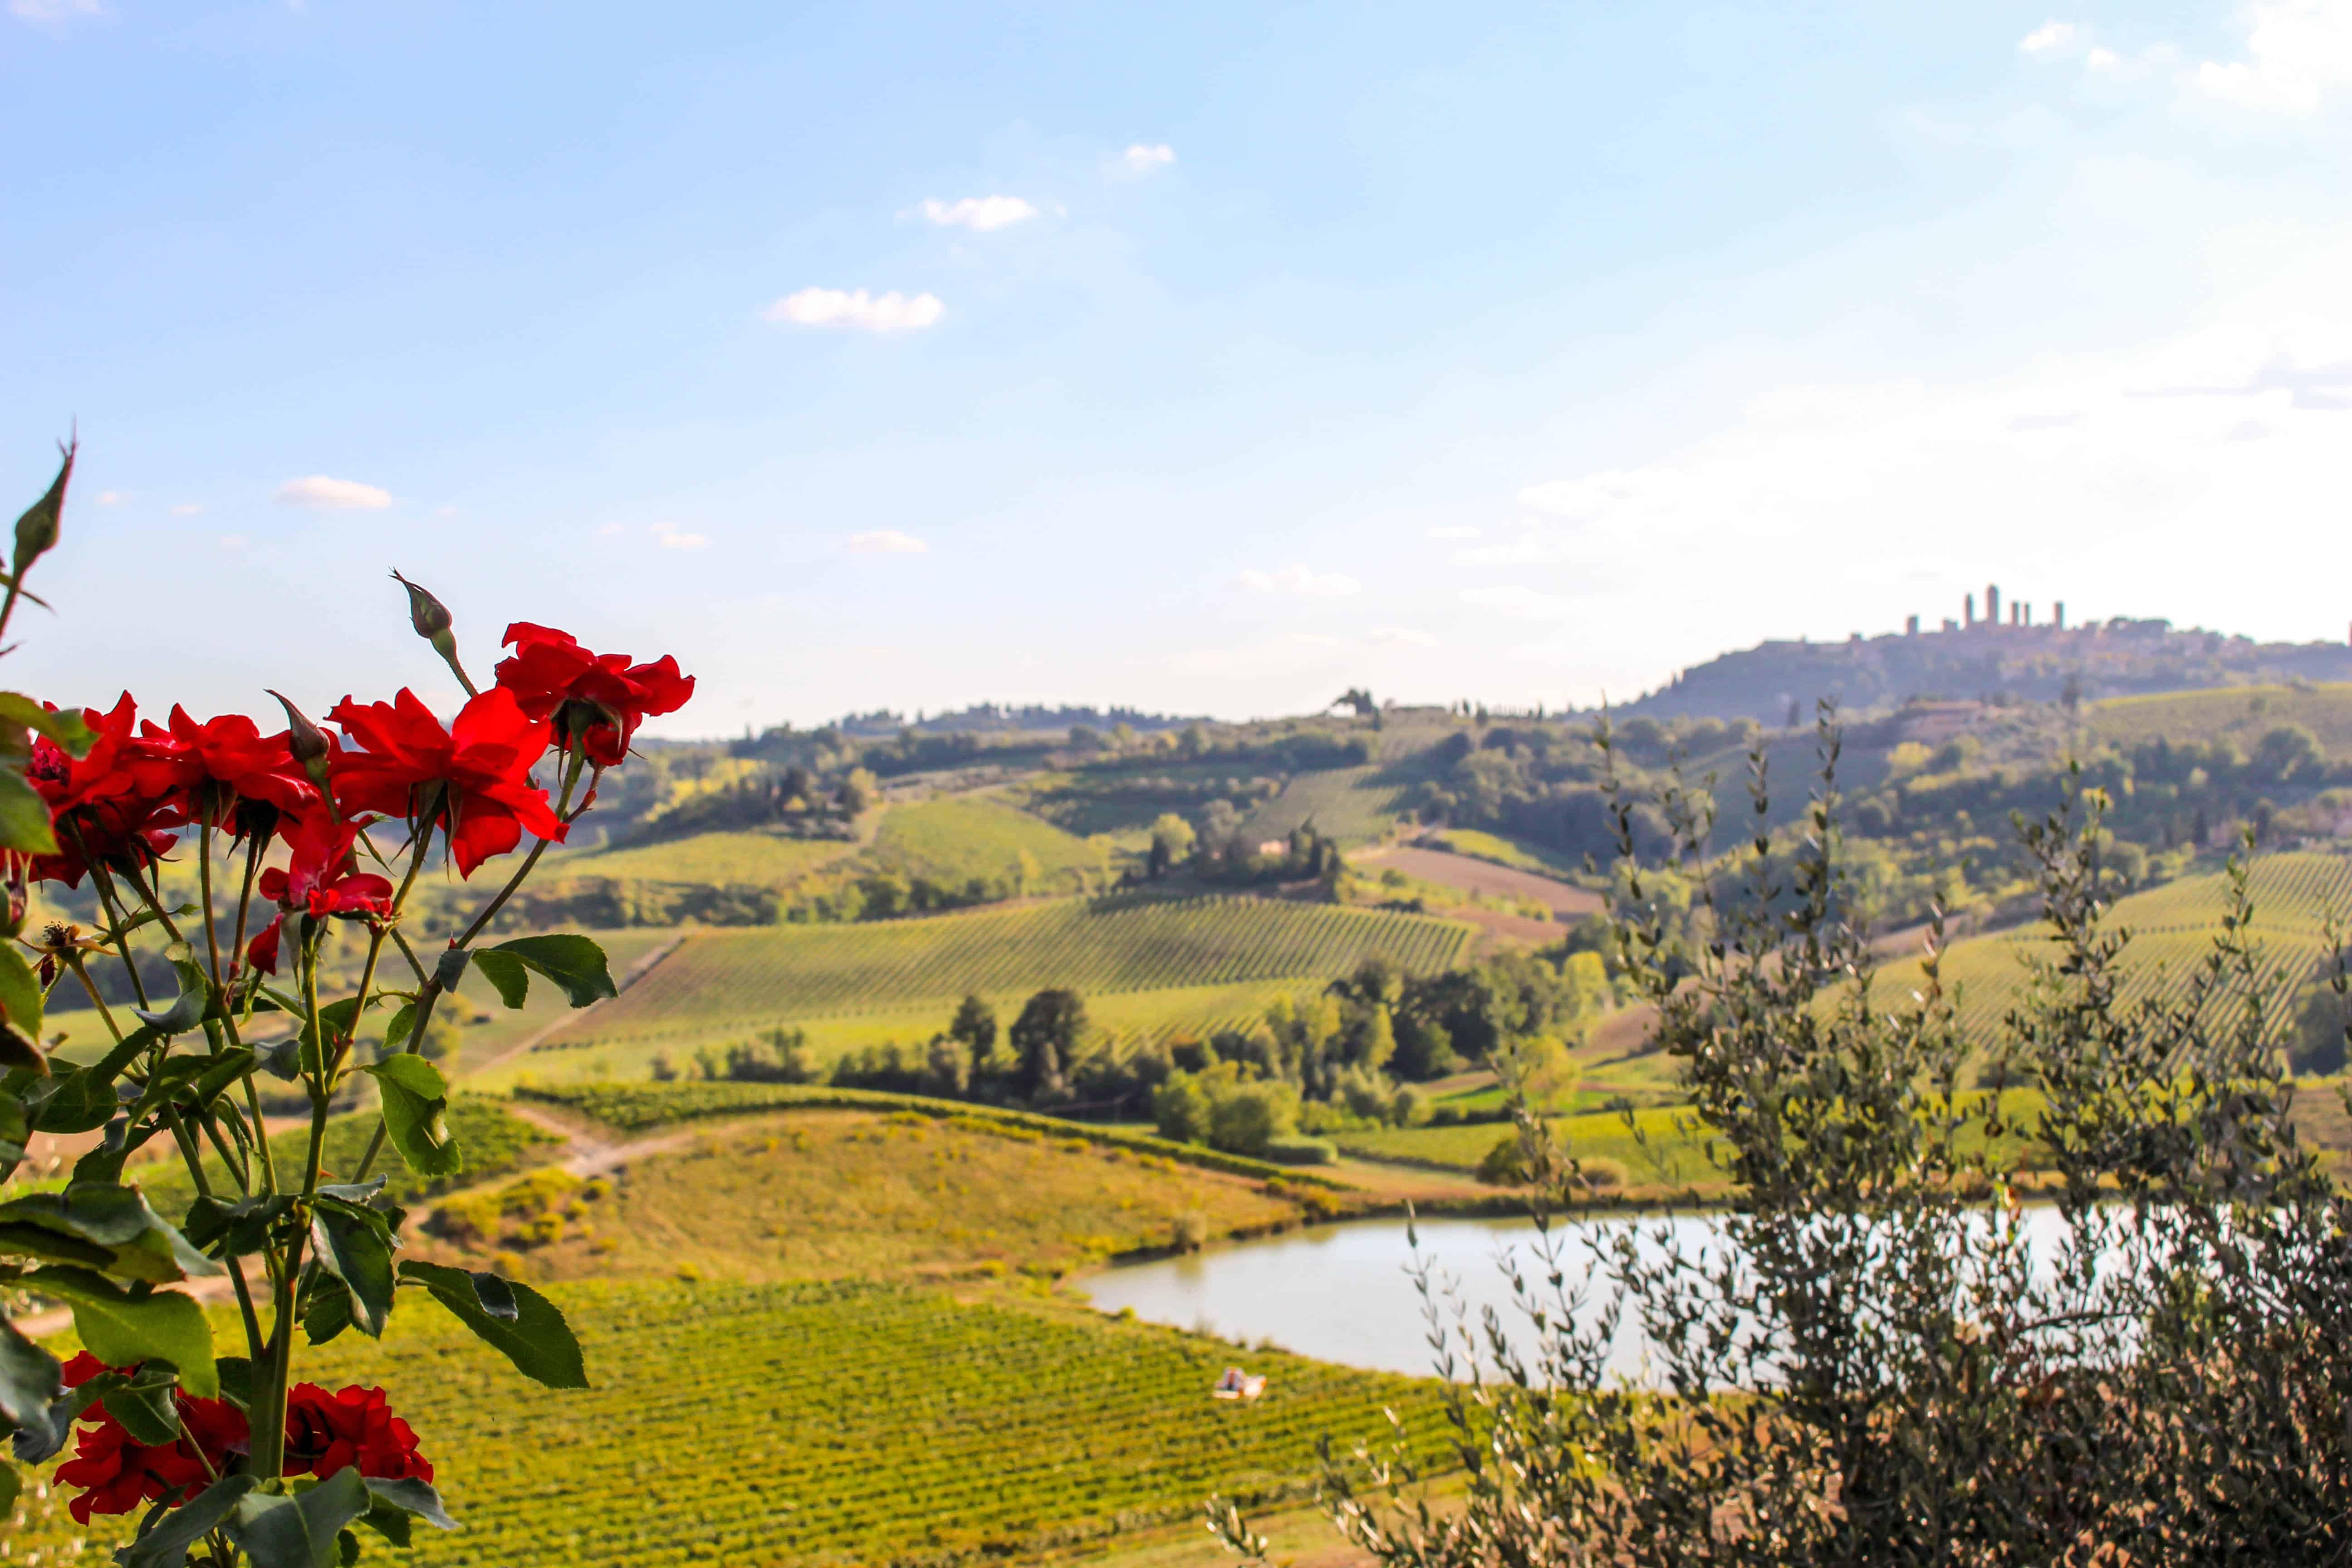 Fattoria Poggio Alloro, San Gimignano, Tuscany, Italy